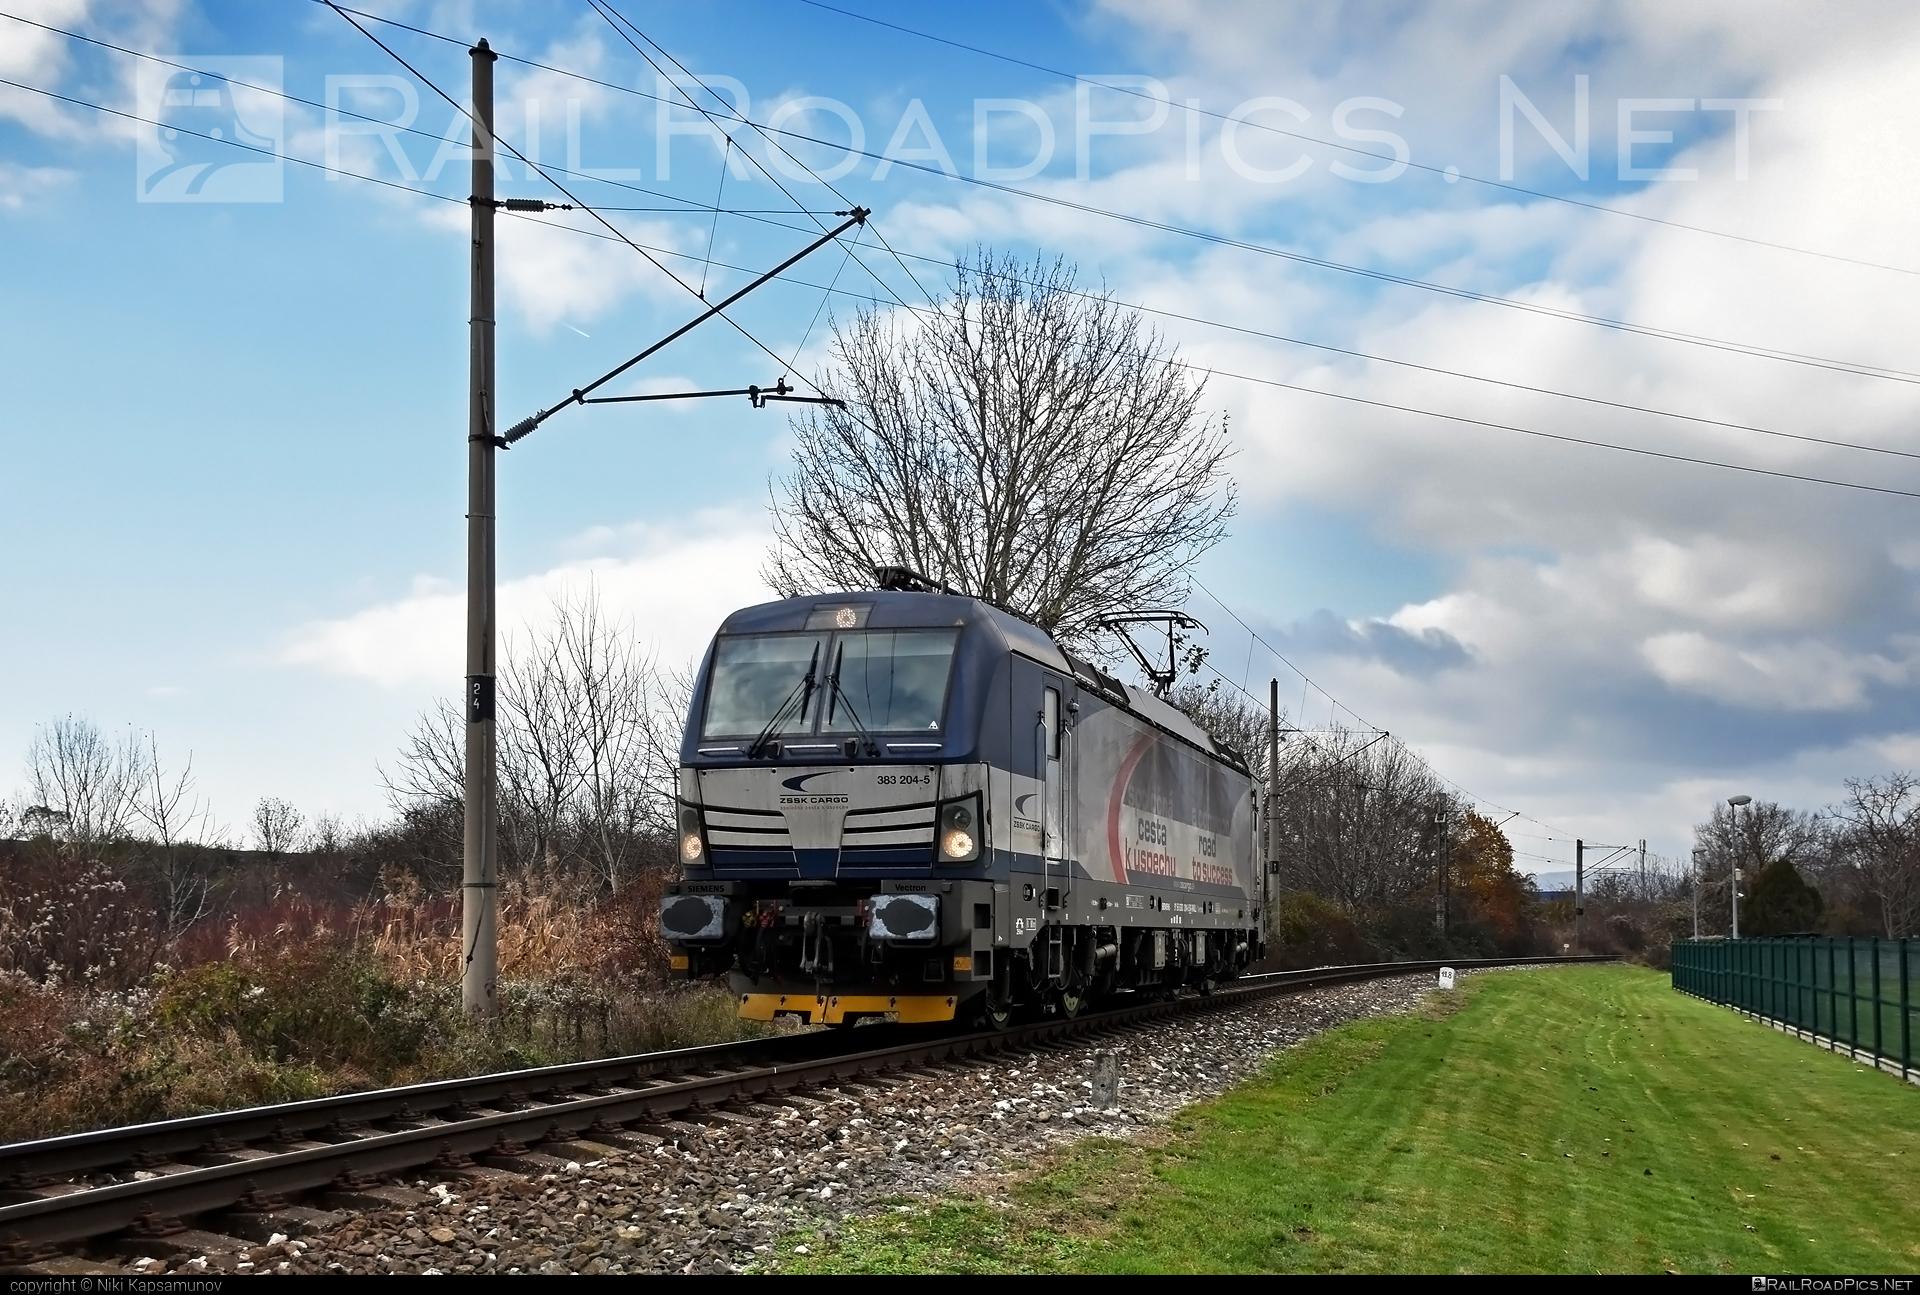 Siemens Vectron MS - 383 204-5 operated by Železničná Spoločnost' Cargo Slovakia a.s. #SRailLease #SRailLeaseSro #ZeleznicnaSpolocnostCargoSlovakia #raill #siemens #siemensvectron #siemensvectronms #vectron #vectronms #zsskcargo